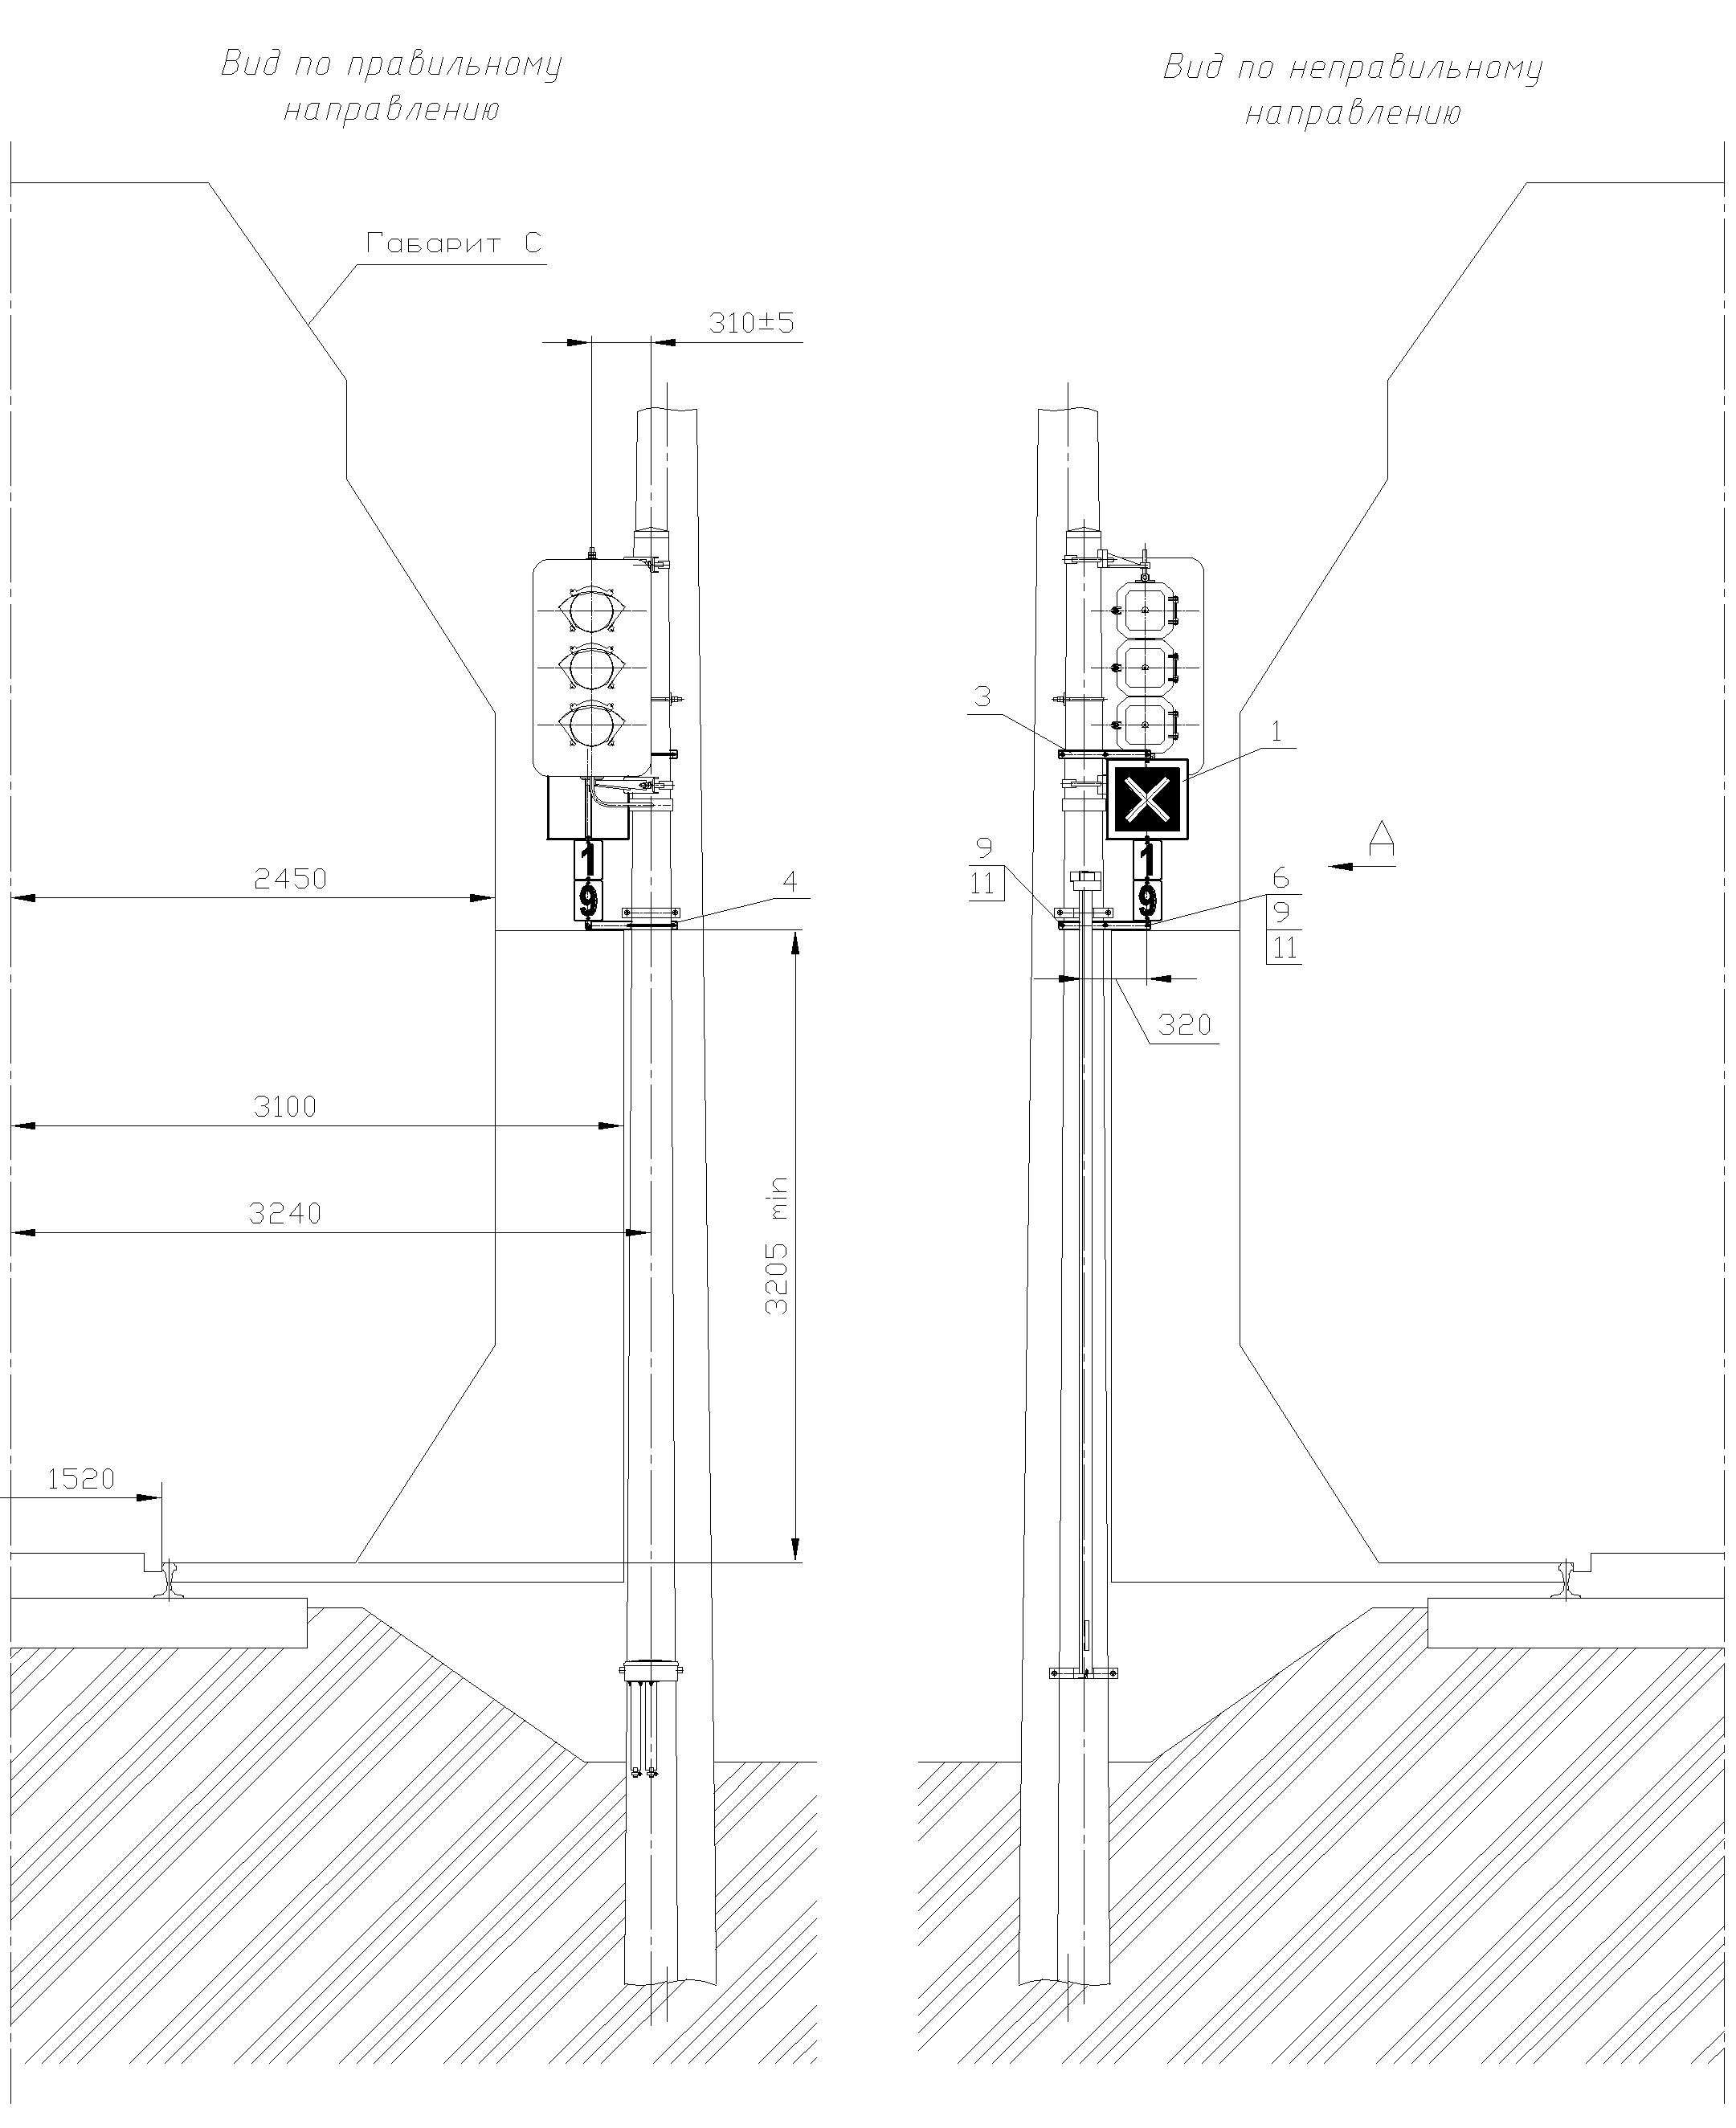 Рисунок 80. Вариант 2 крепления знака Перенос границы блок-участка на мачте светофора